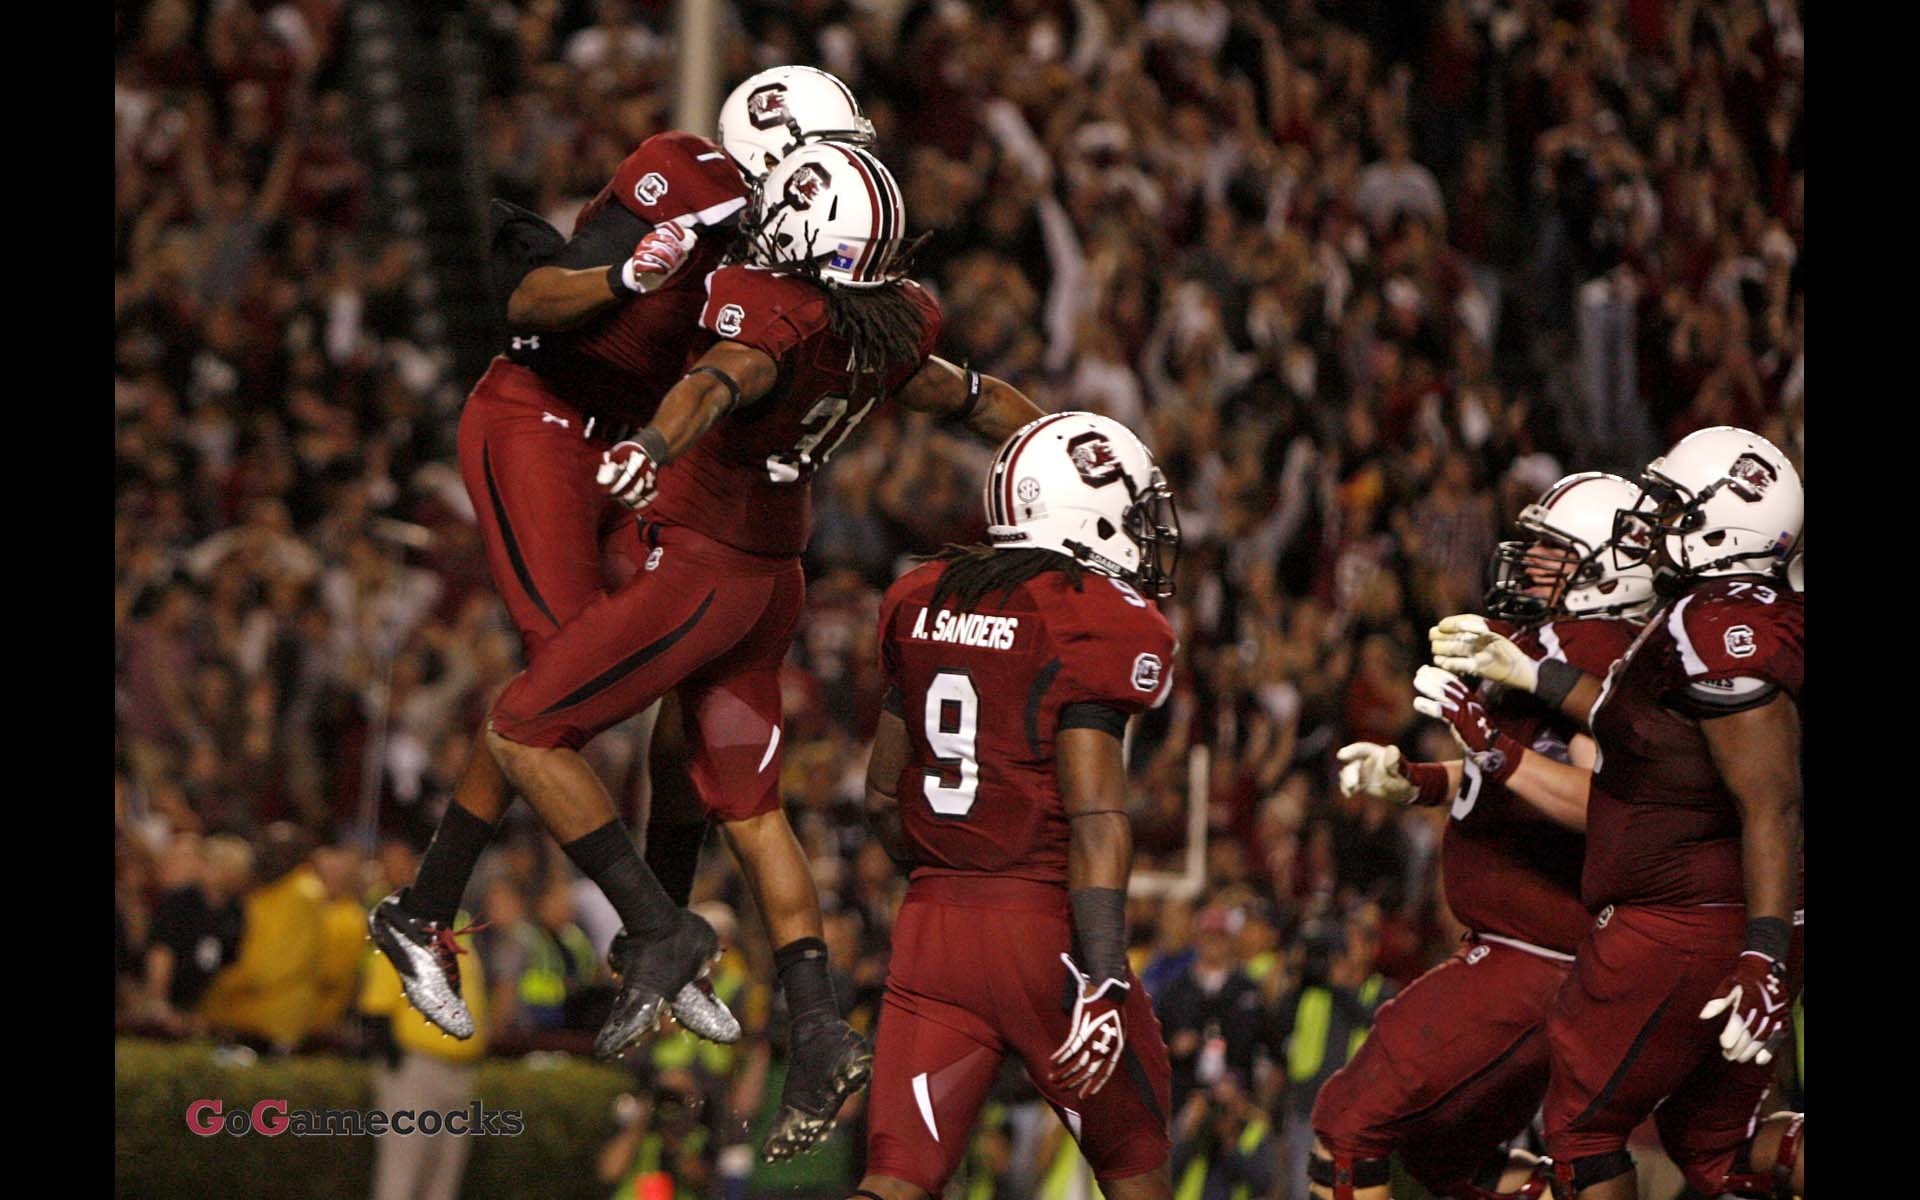 Wallpaper: USC-Clemson | Football | Go Gamecocks